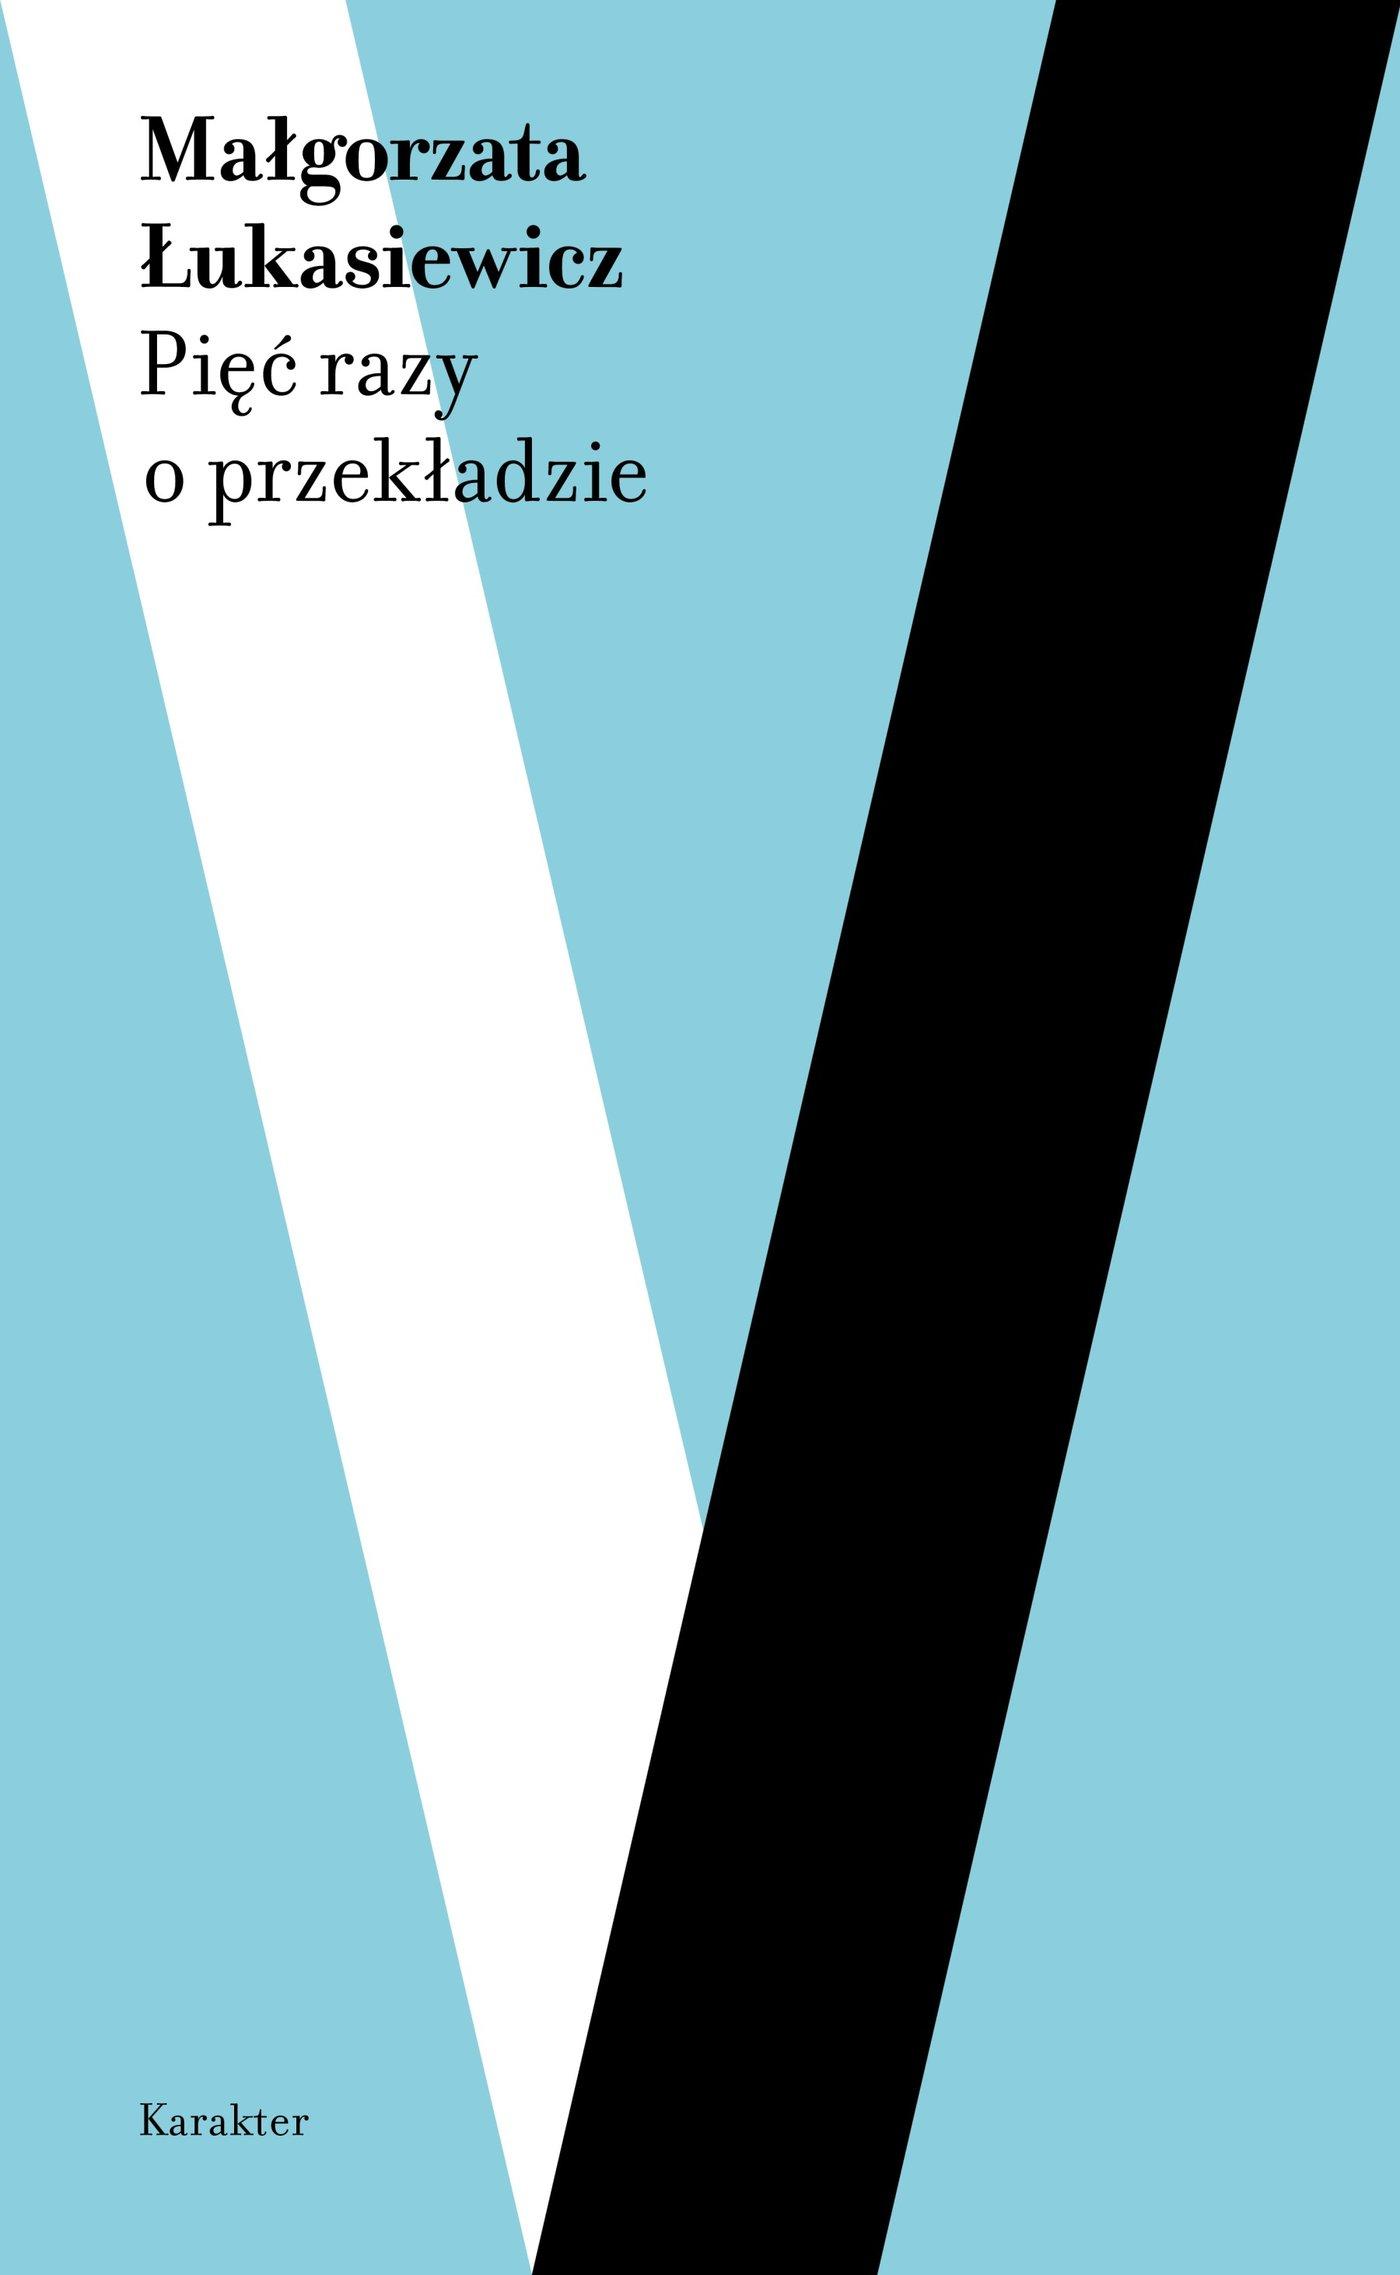 Pięć razy o przekładzie - Ebook (Książka na Kindle) do pobrania w formacie MOBI